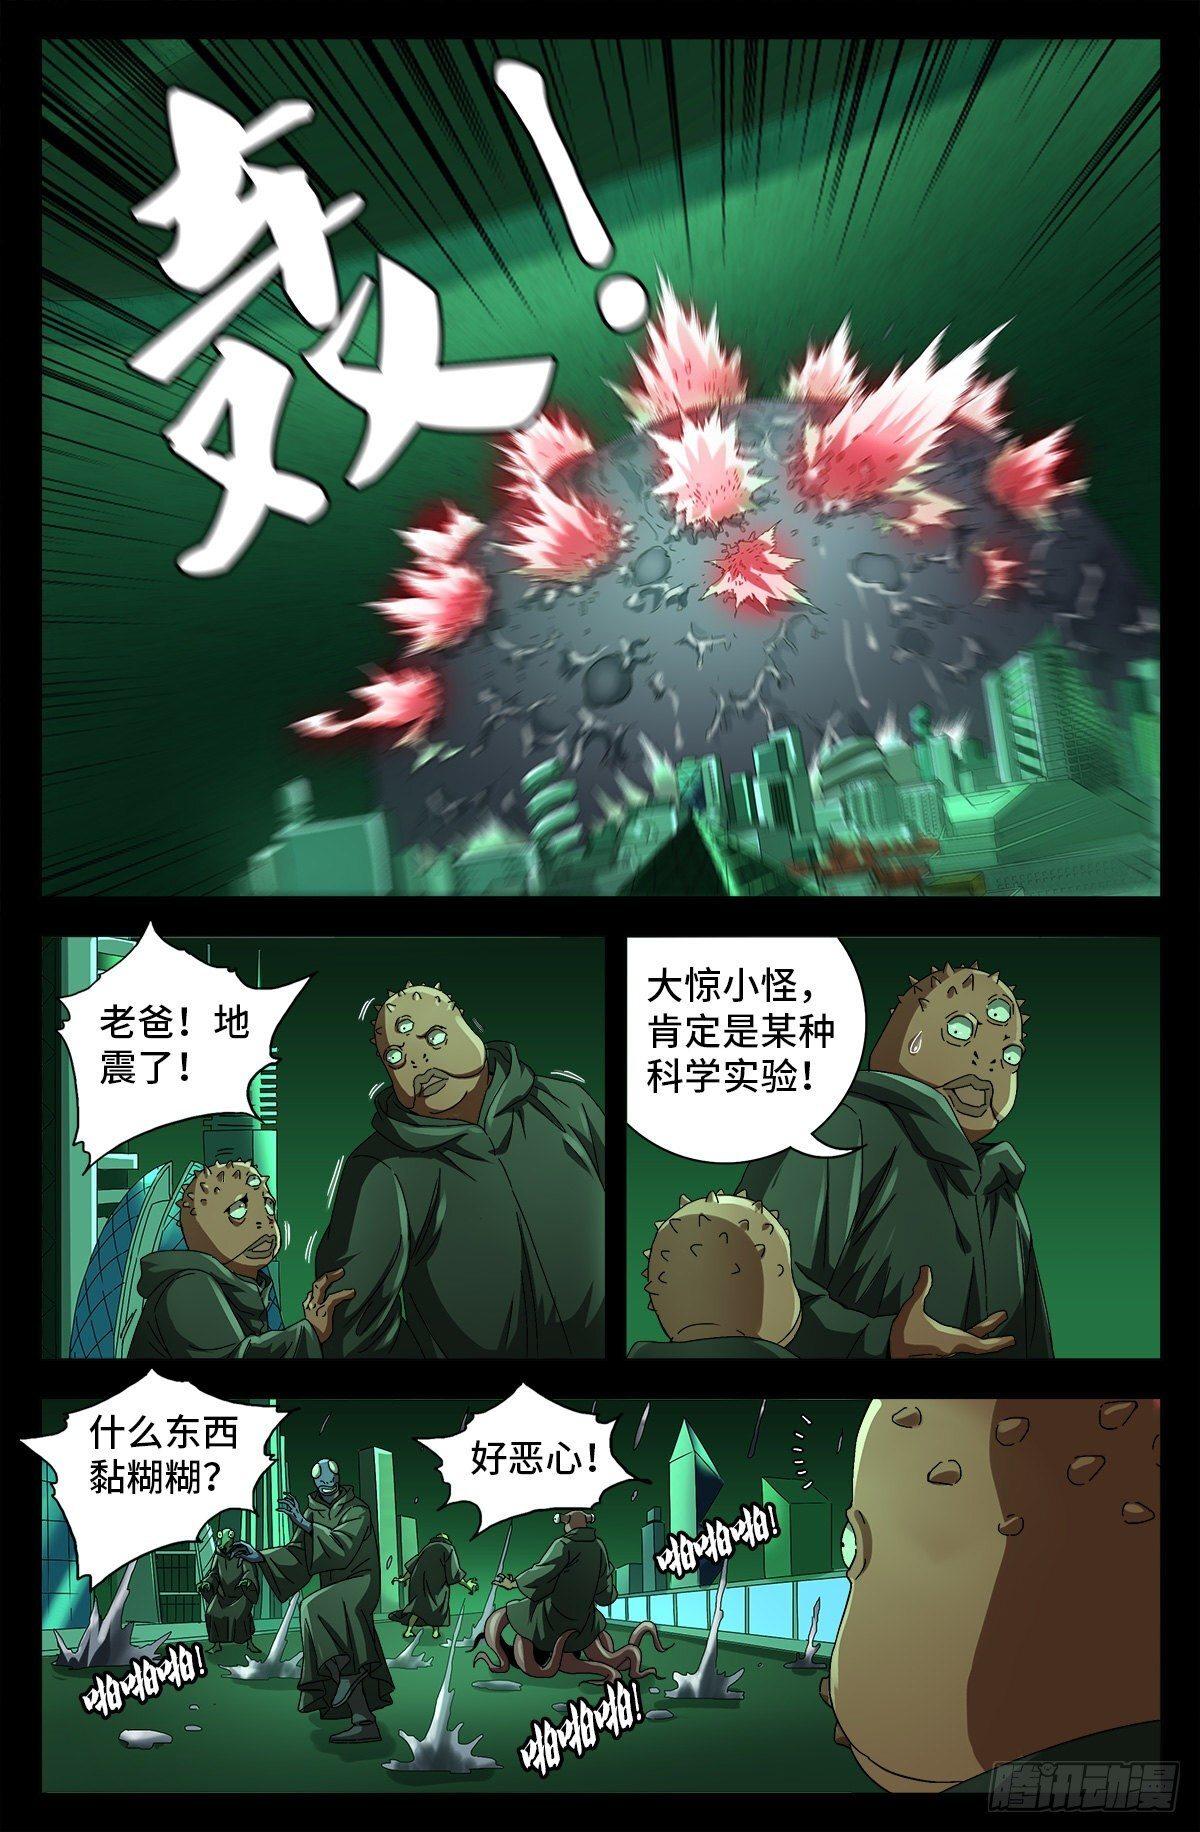 僵尸王漫画:戒魔人 第696话 霸尼之死